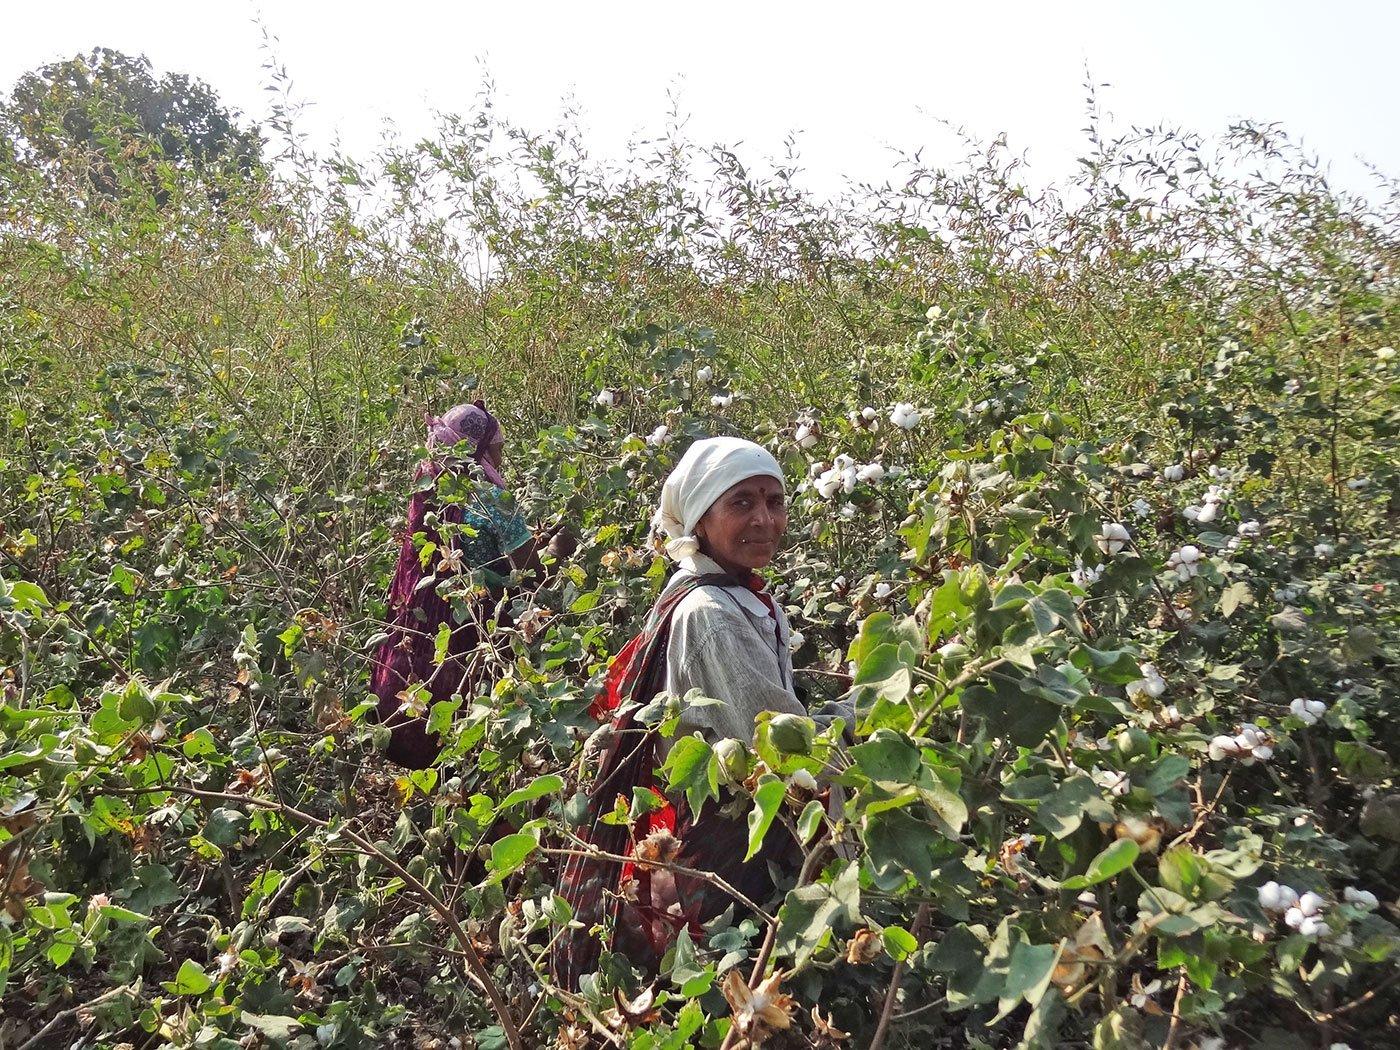 Women working in cotton farm